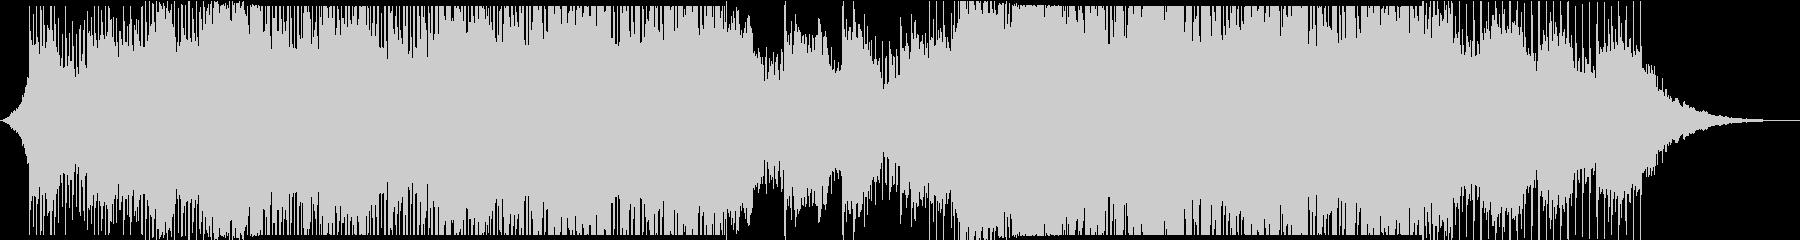 ポップ テクノ 実験的 ロック ポ...の未再生の波形